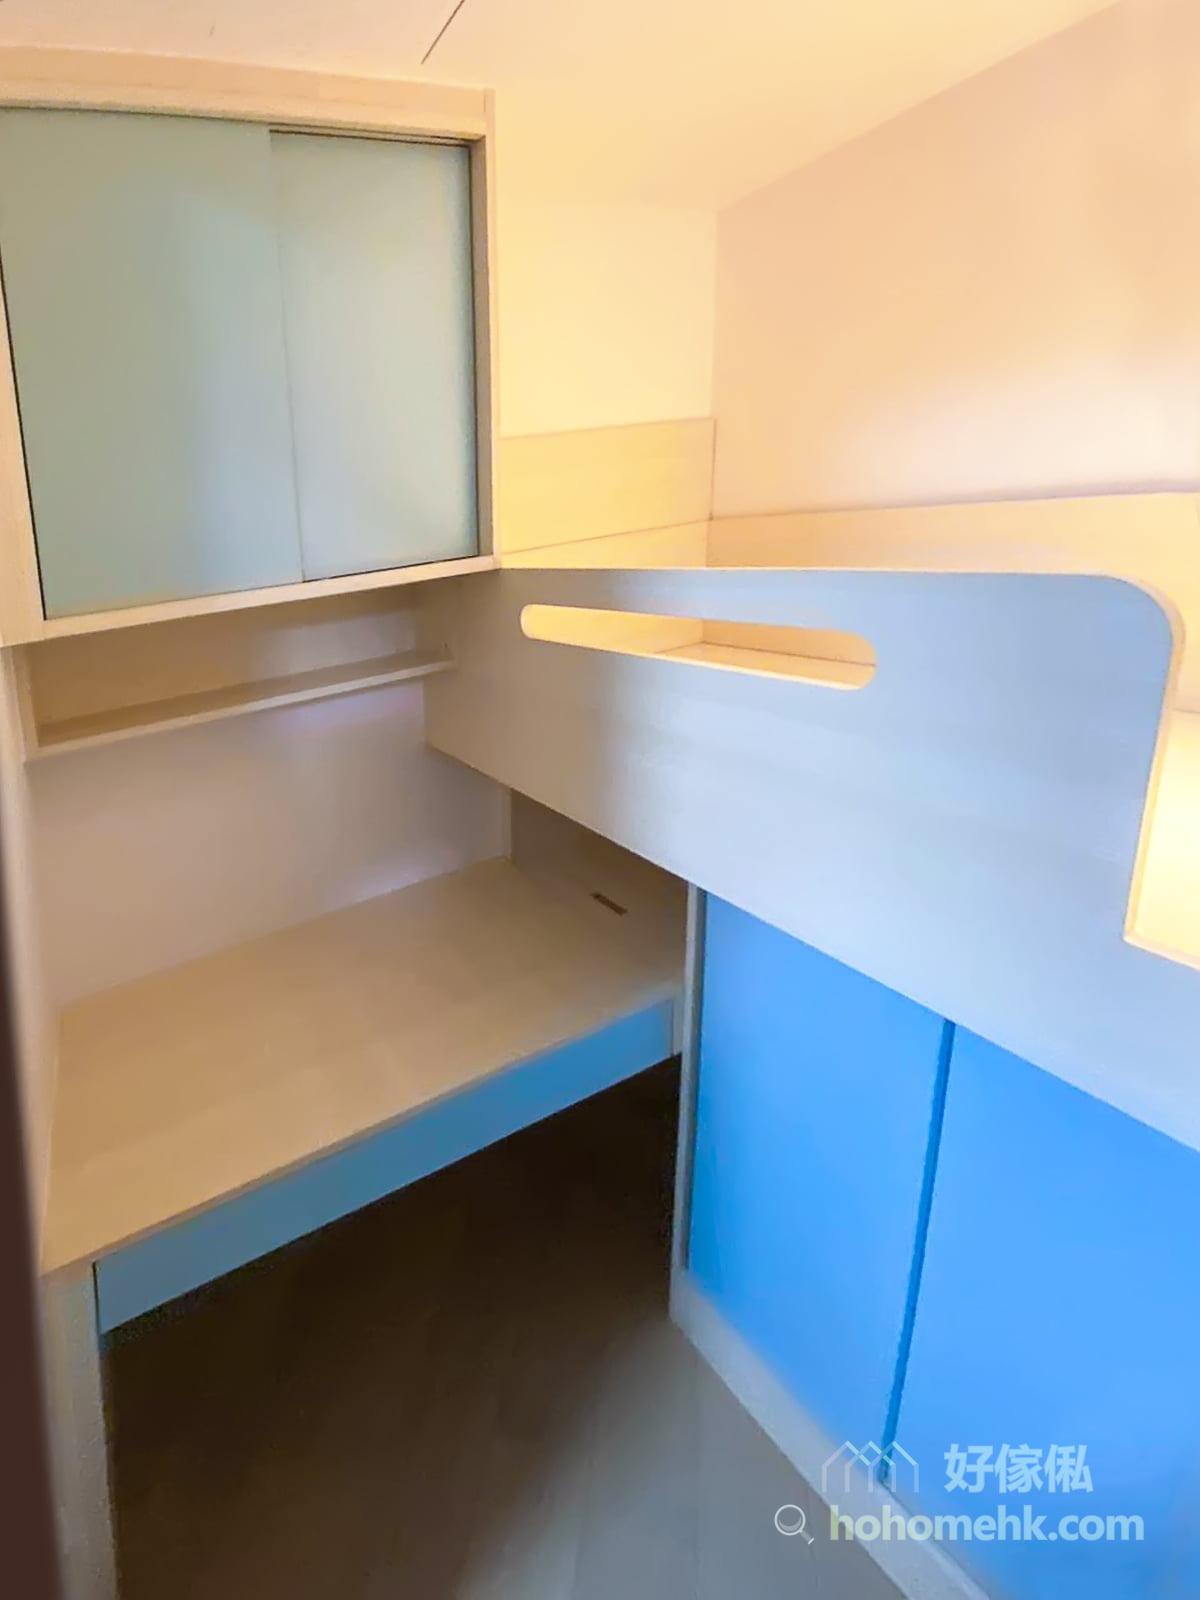 書枱有櫃桶擺放零碎雜物,碌架層下的空間則造了上翻式揭板,一點也不浪費儲物的空間。  書枱上方有趟門吊櫃,跟衣櫃同一式樣,統一整體風格,又為書枱區域提供龐大的儲物